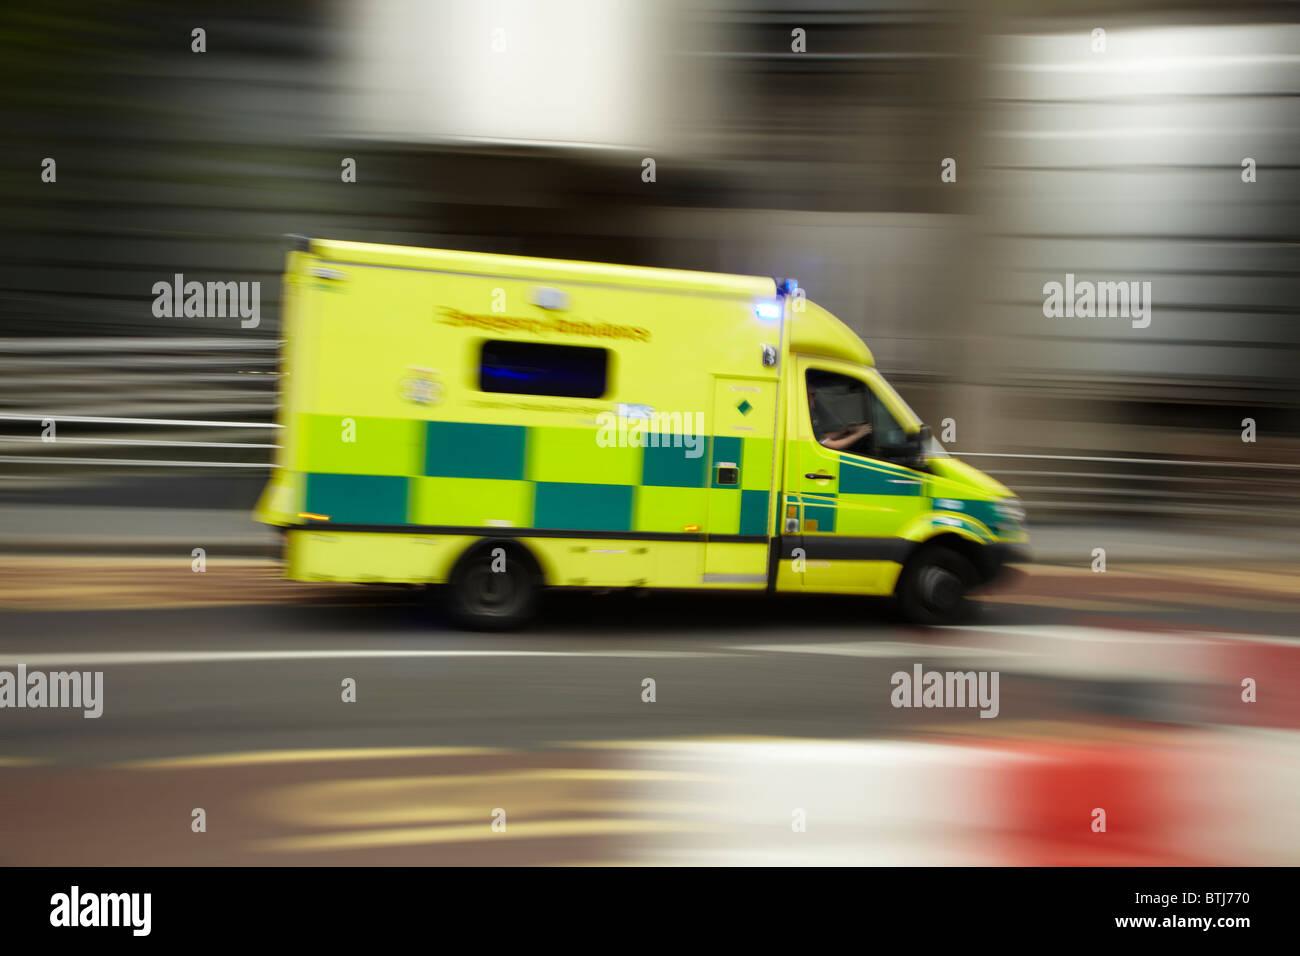 Speeding ambulance, London, England, United Kingdom - Stock Image